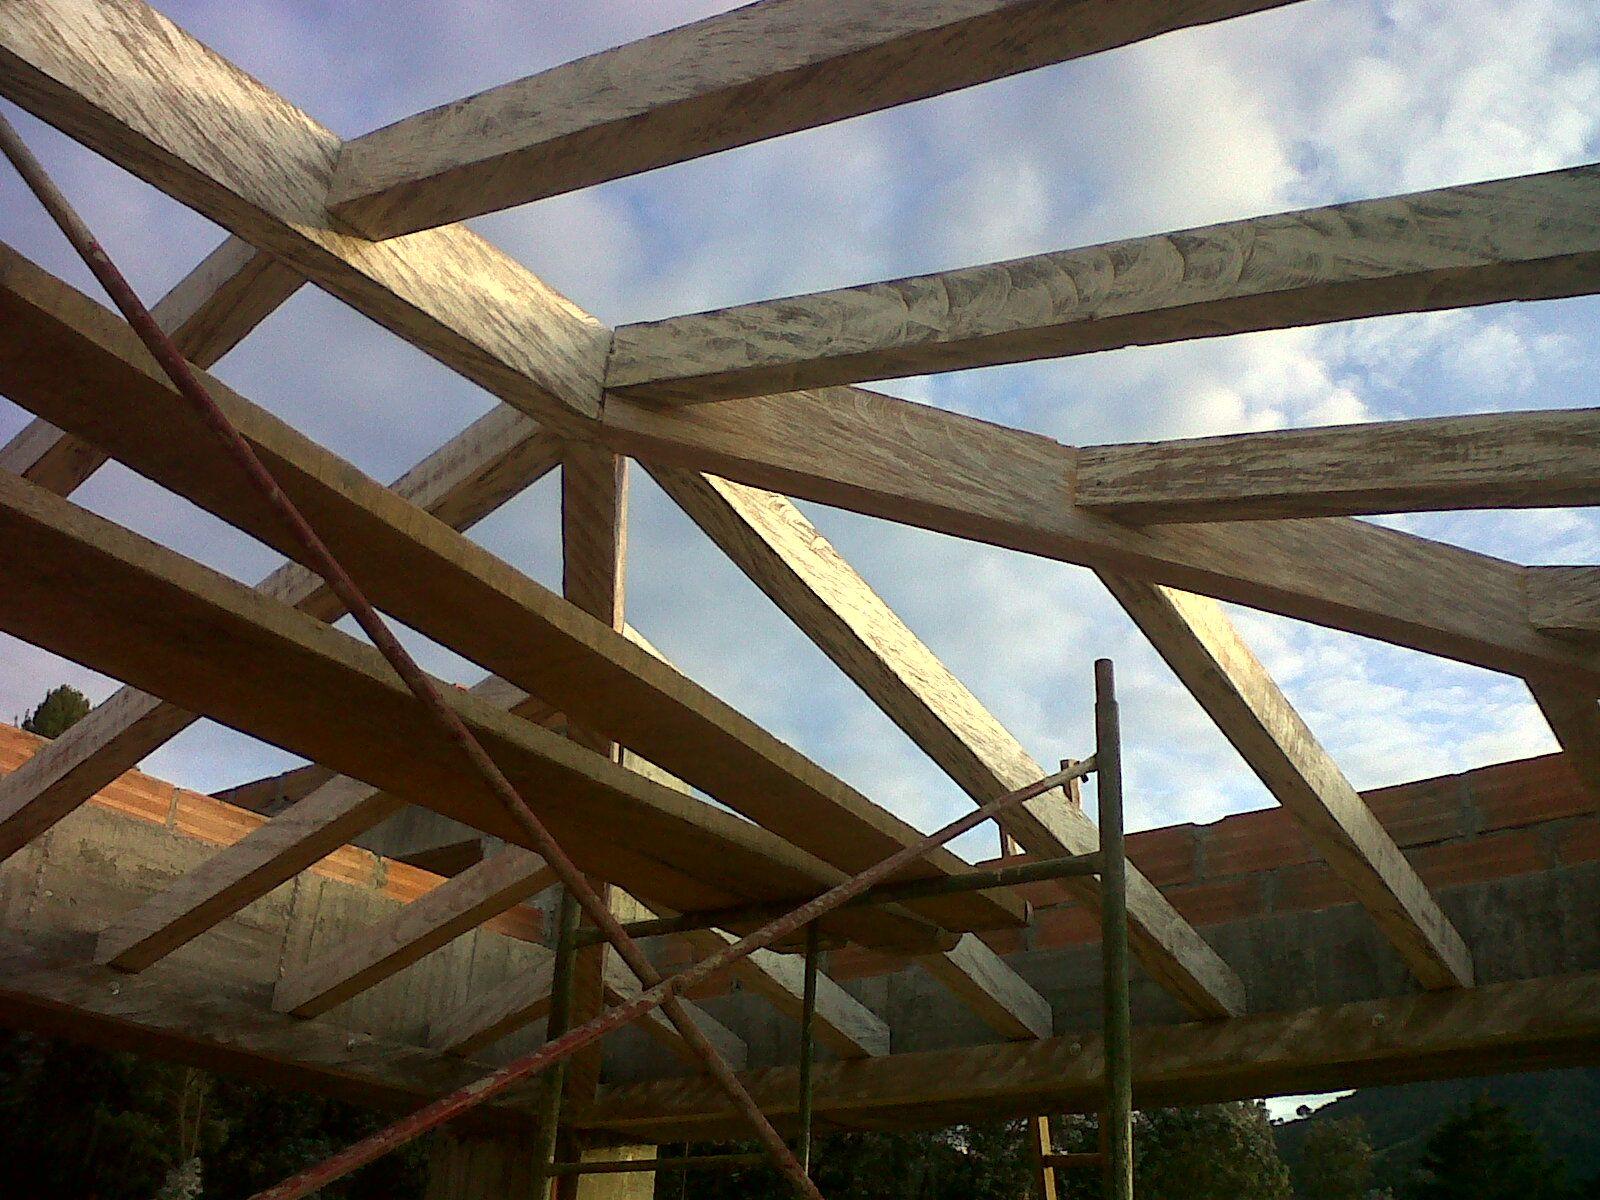 Maderas de construcci n otro de los usos que se les da a - Techos de maderas ...